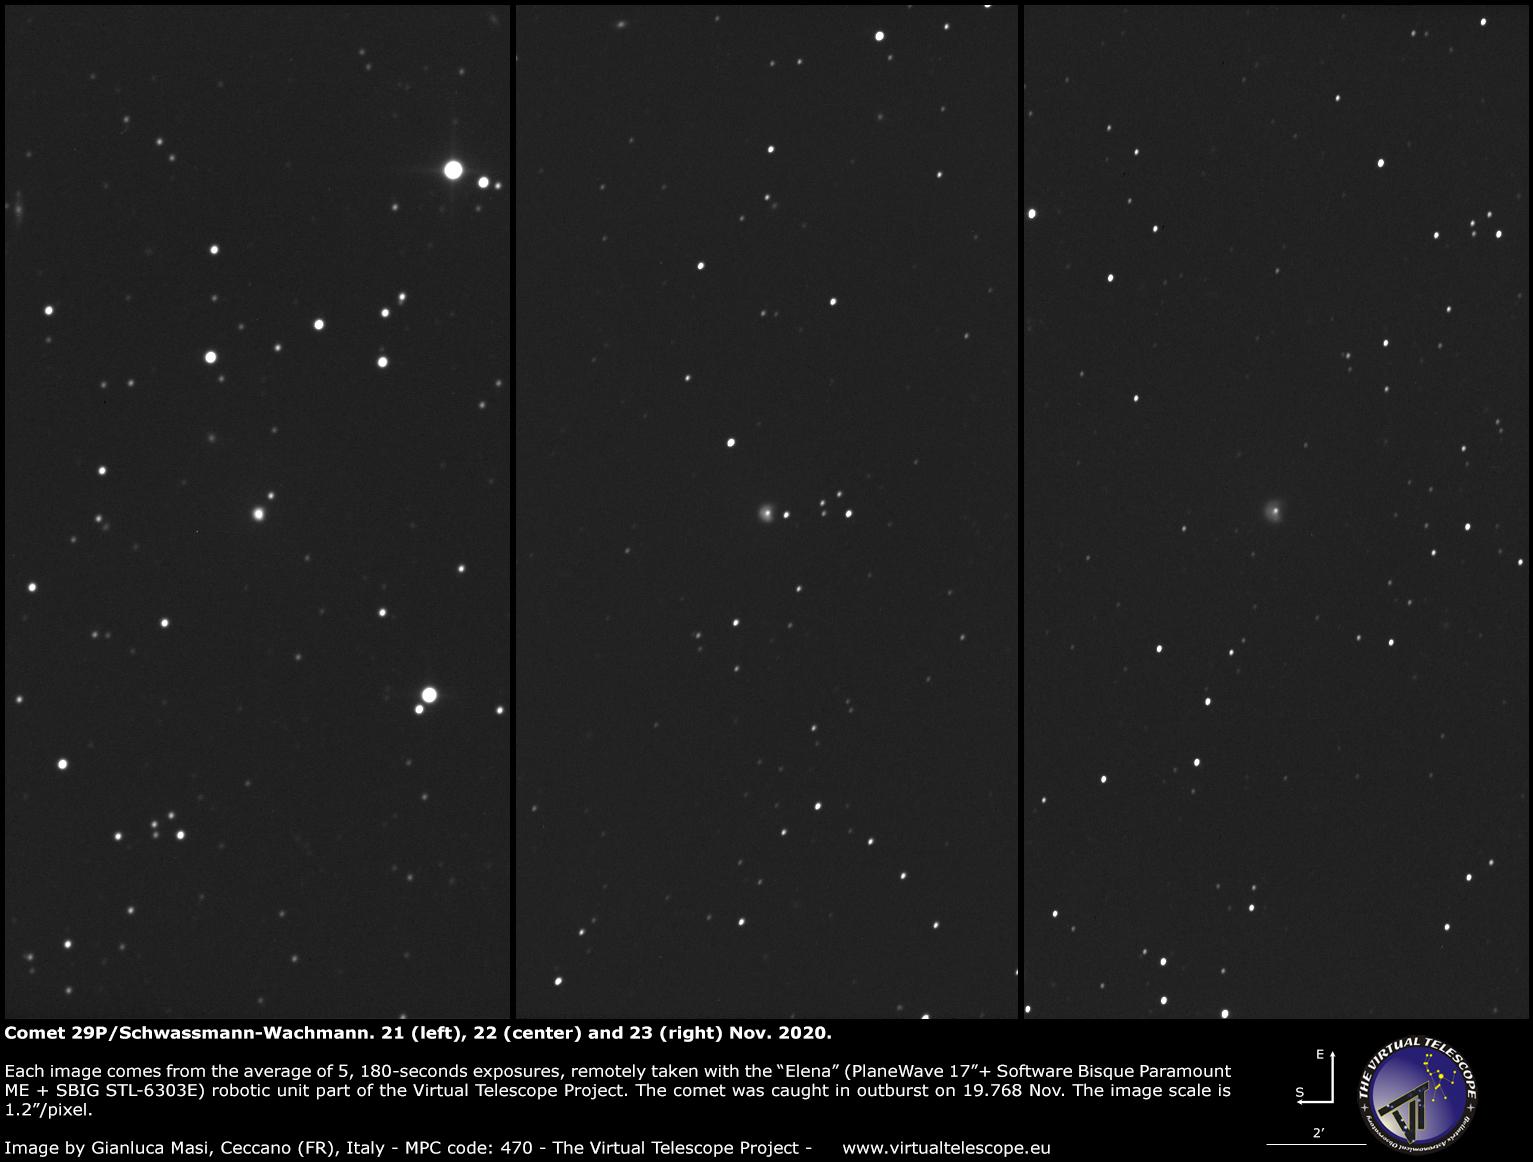 Comet 29P/Schwassmann–Wachmann: 21, 22 and 23 Nov. 2020.